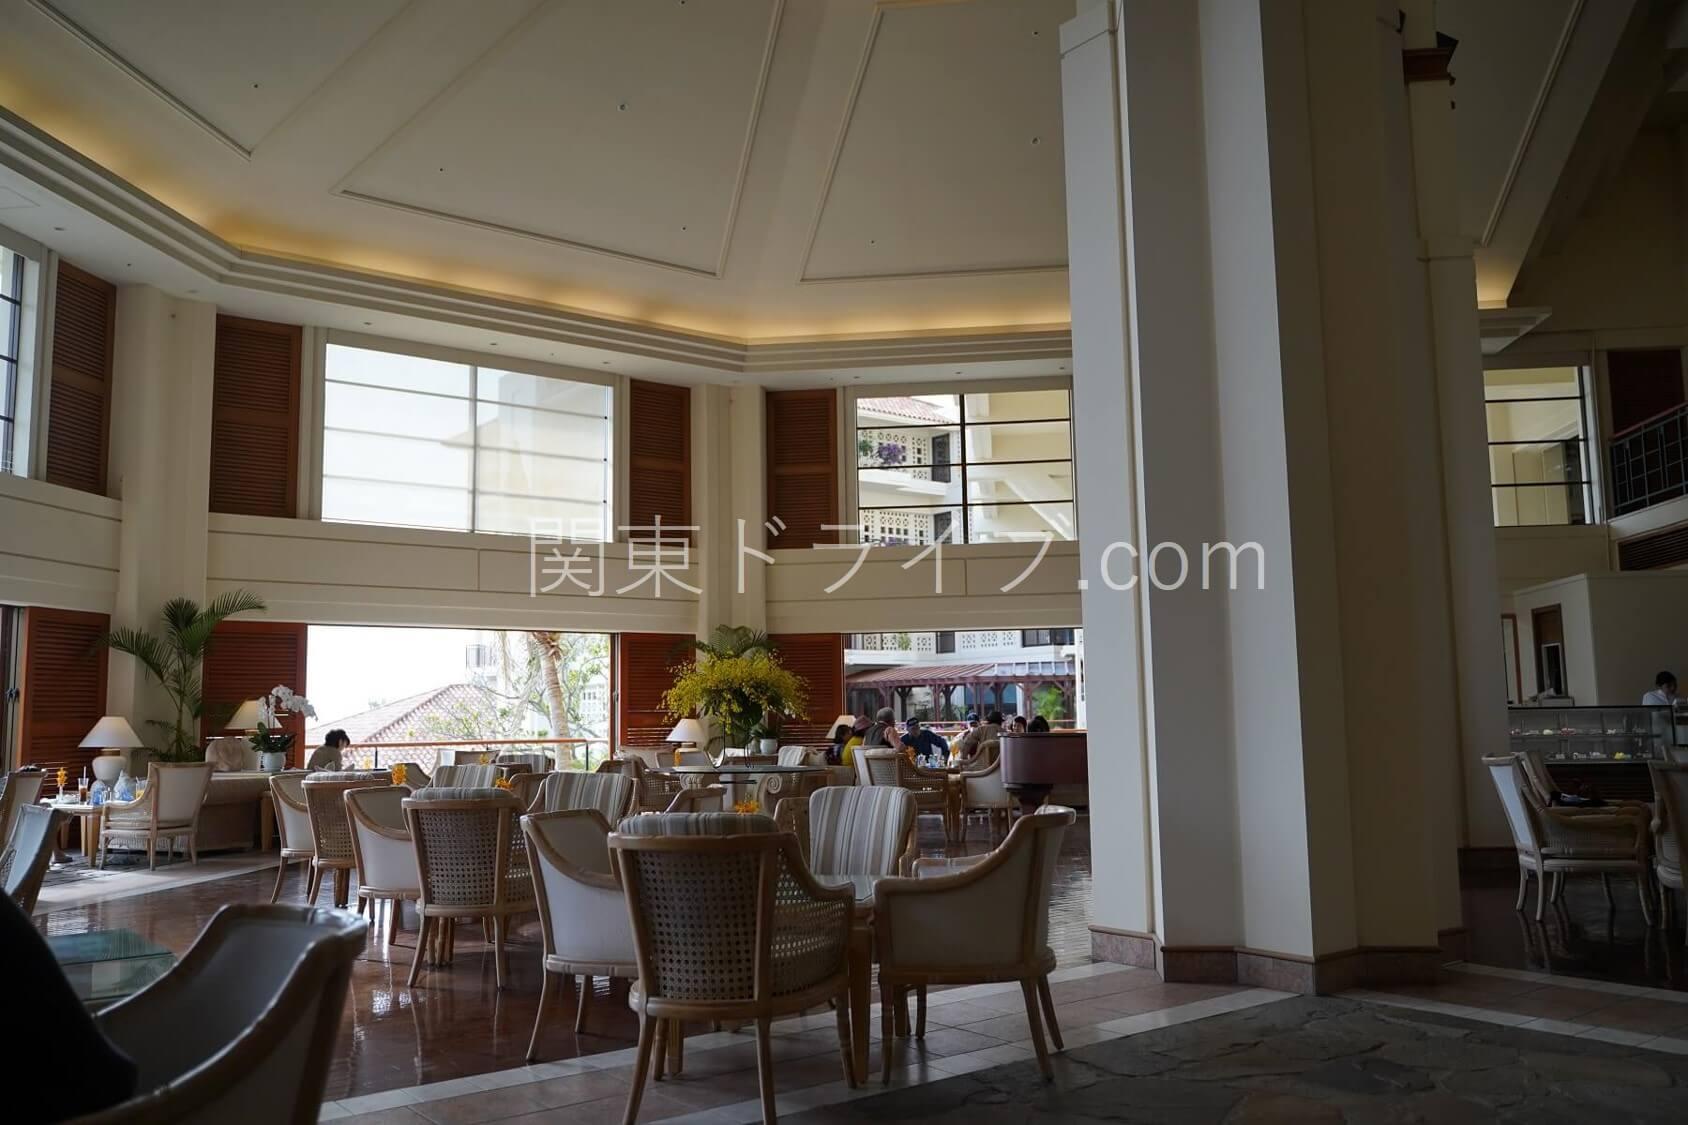 ブセナテラスのカフェ「マロード」1